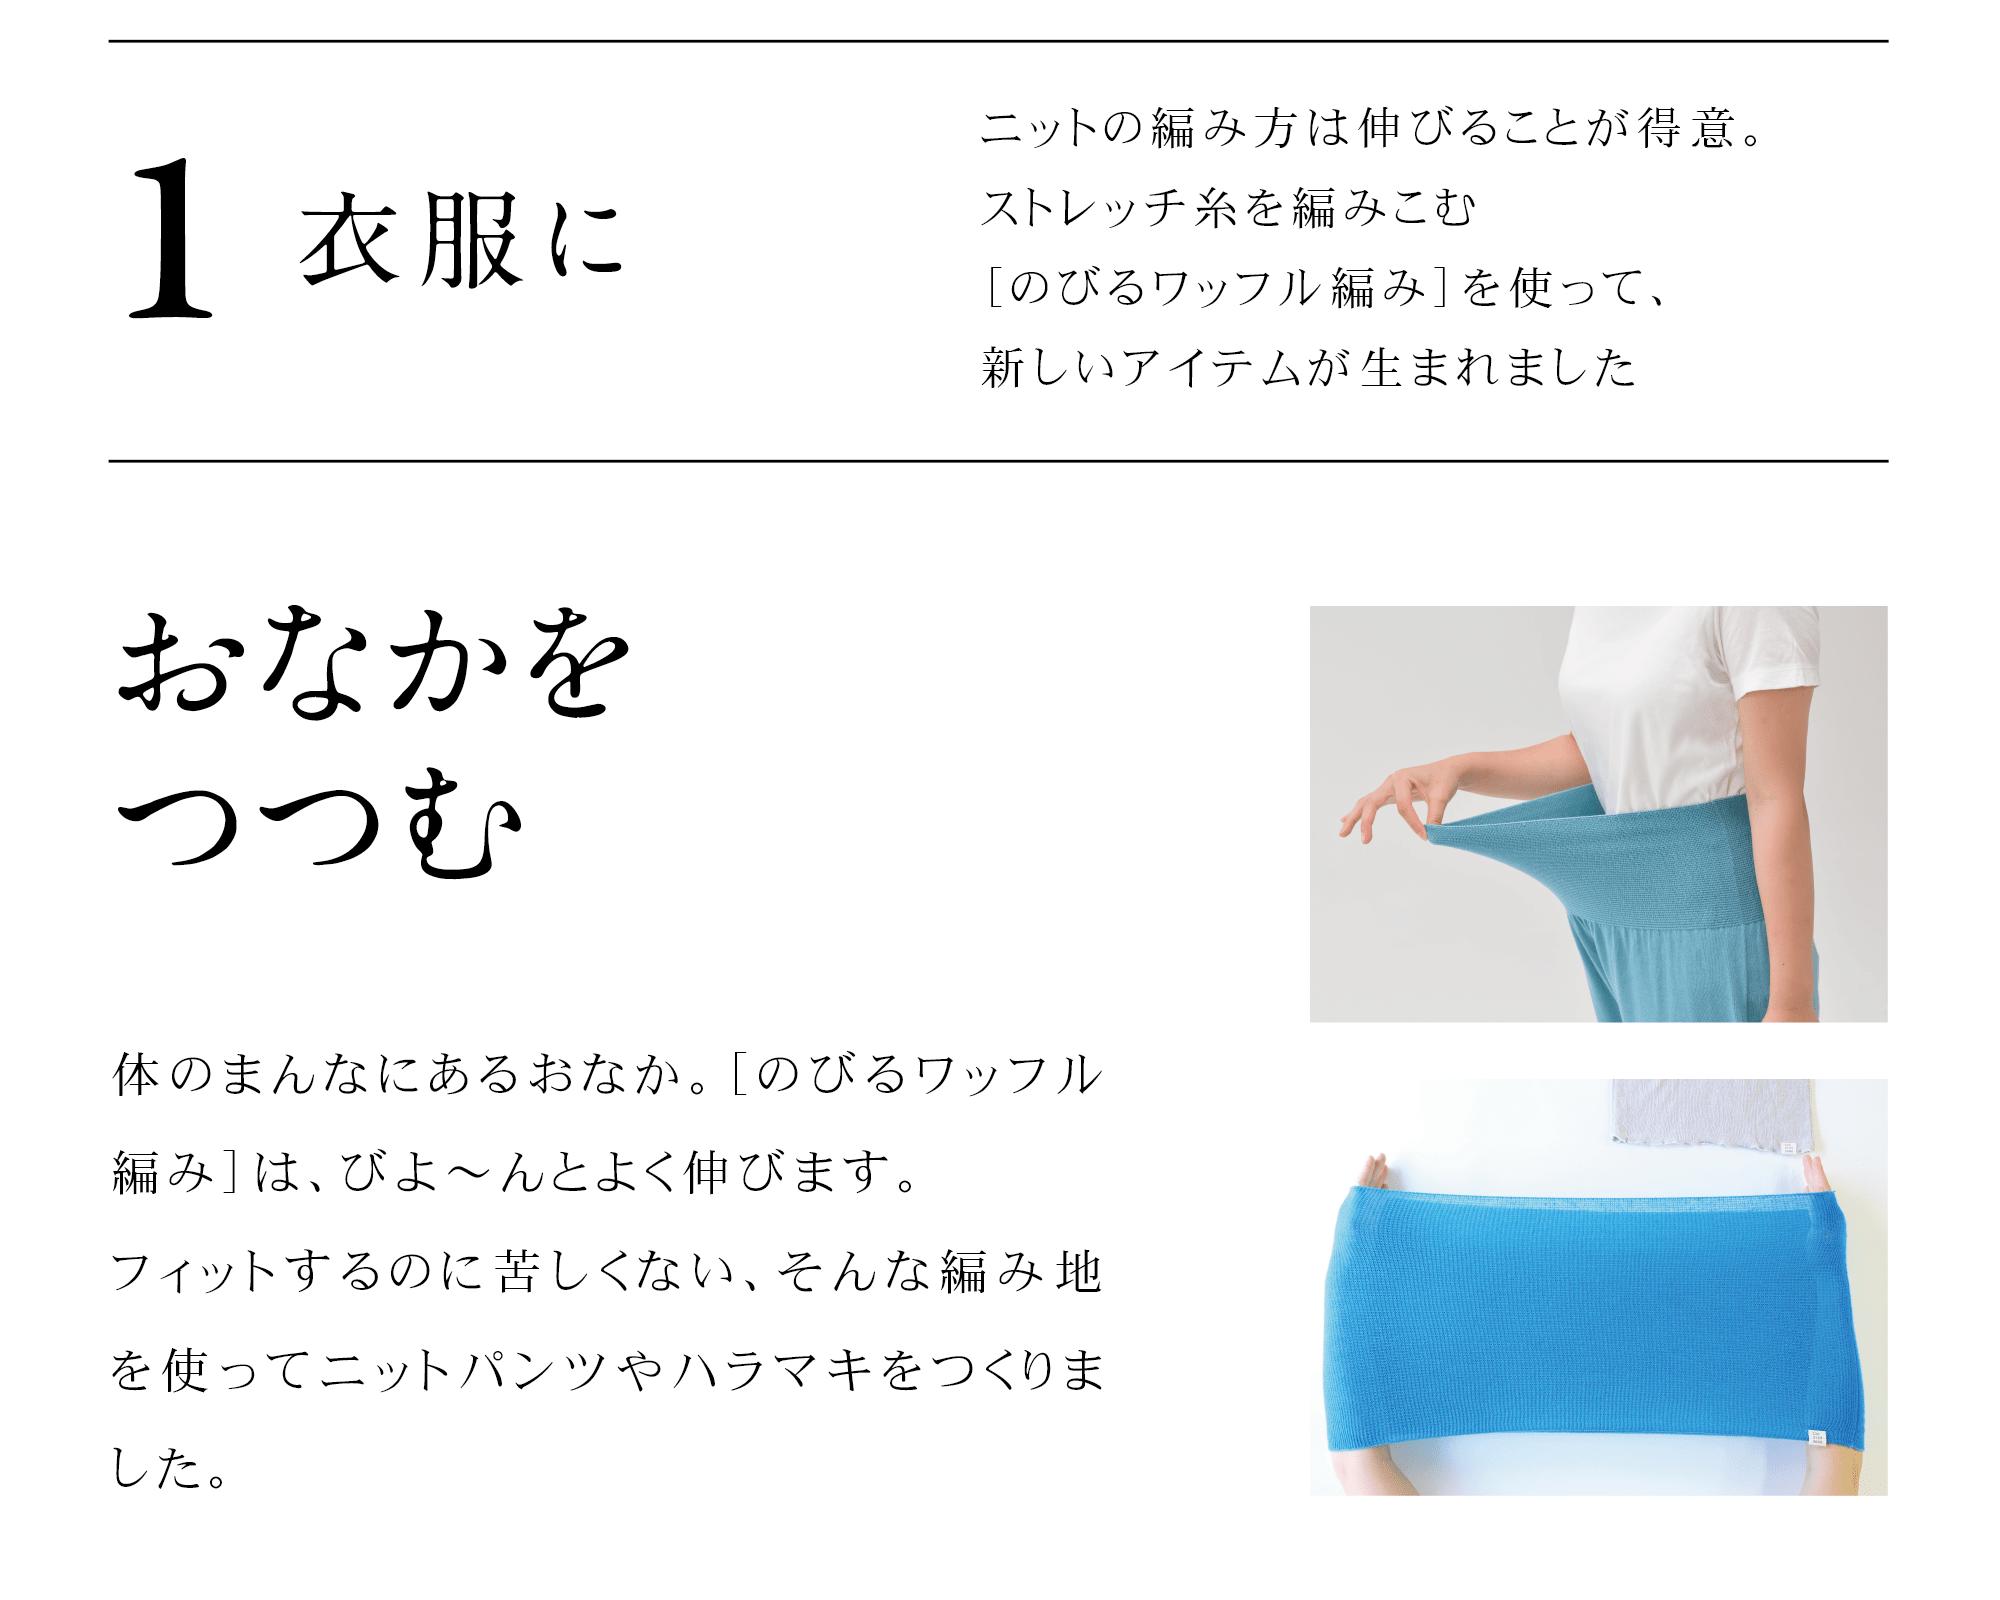 1、衣服に。おなかをつつむ。体のまんなにあるおなか。[のびるワッフル編み]は、びよ〜んとよく伸びます。フィットするのに苦しくない、そんな編み地を使ってニットパンツやハラマキをつくりました。